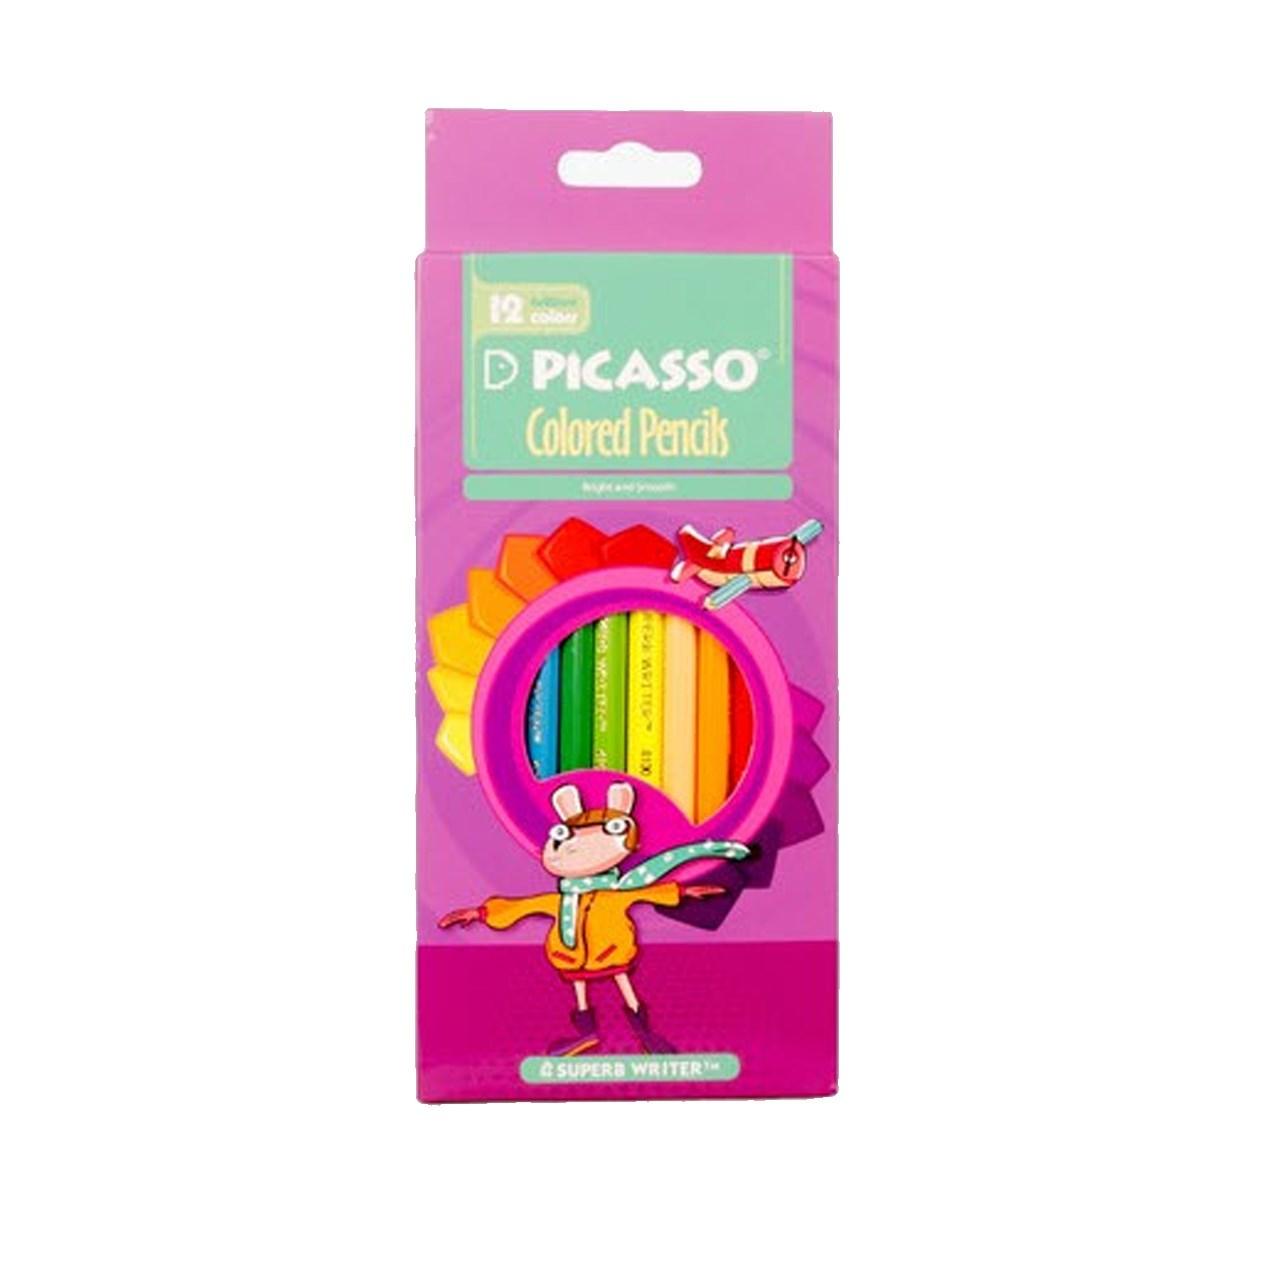 مداد رنگی 12 رنگ پیکاسو مدل superb writer